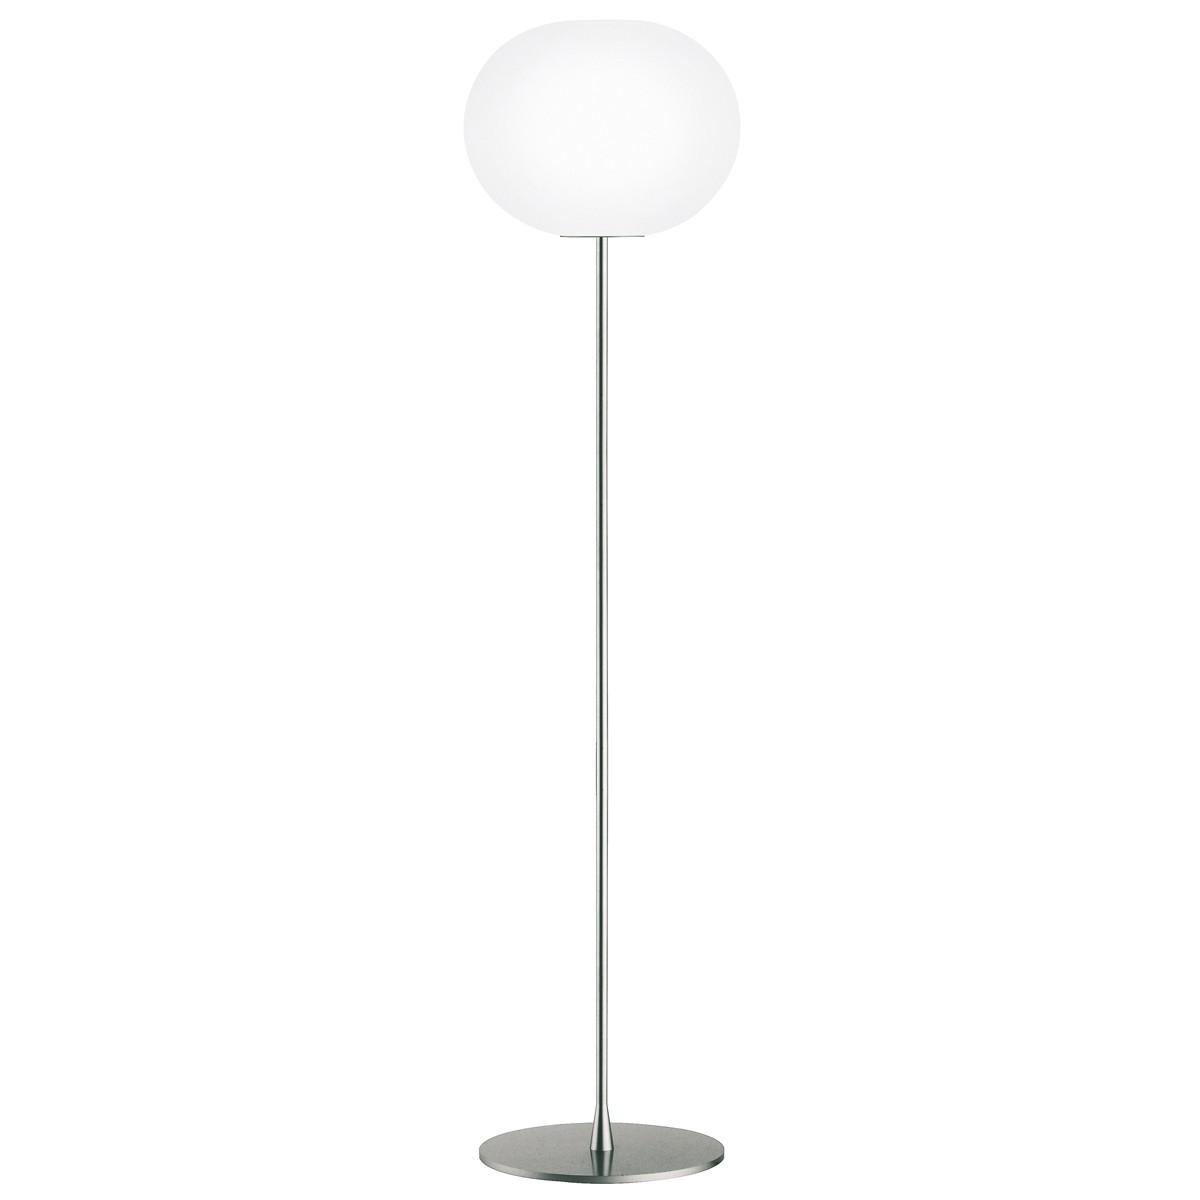 Flos Glo-Ball F Stehleuchte, F3, Höhe: 185 cm, Silber matt